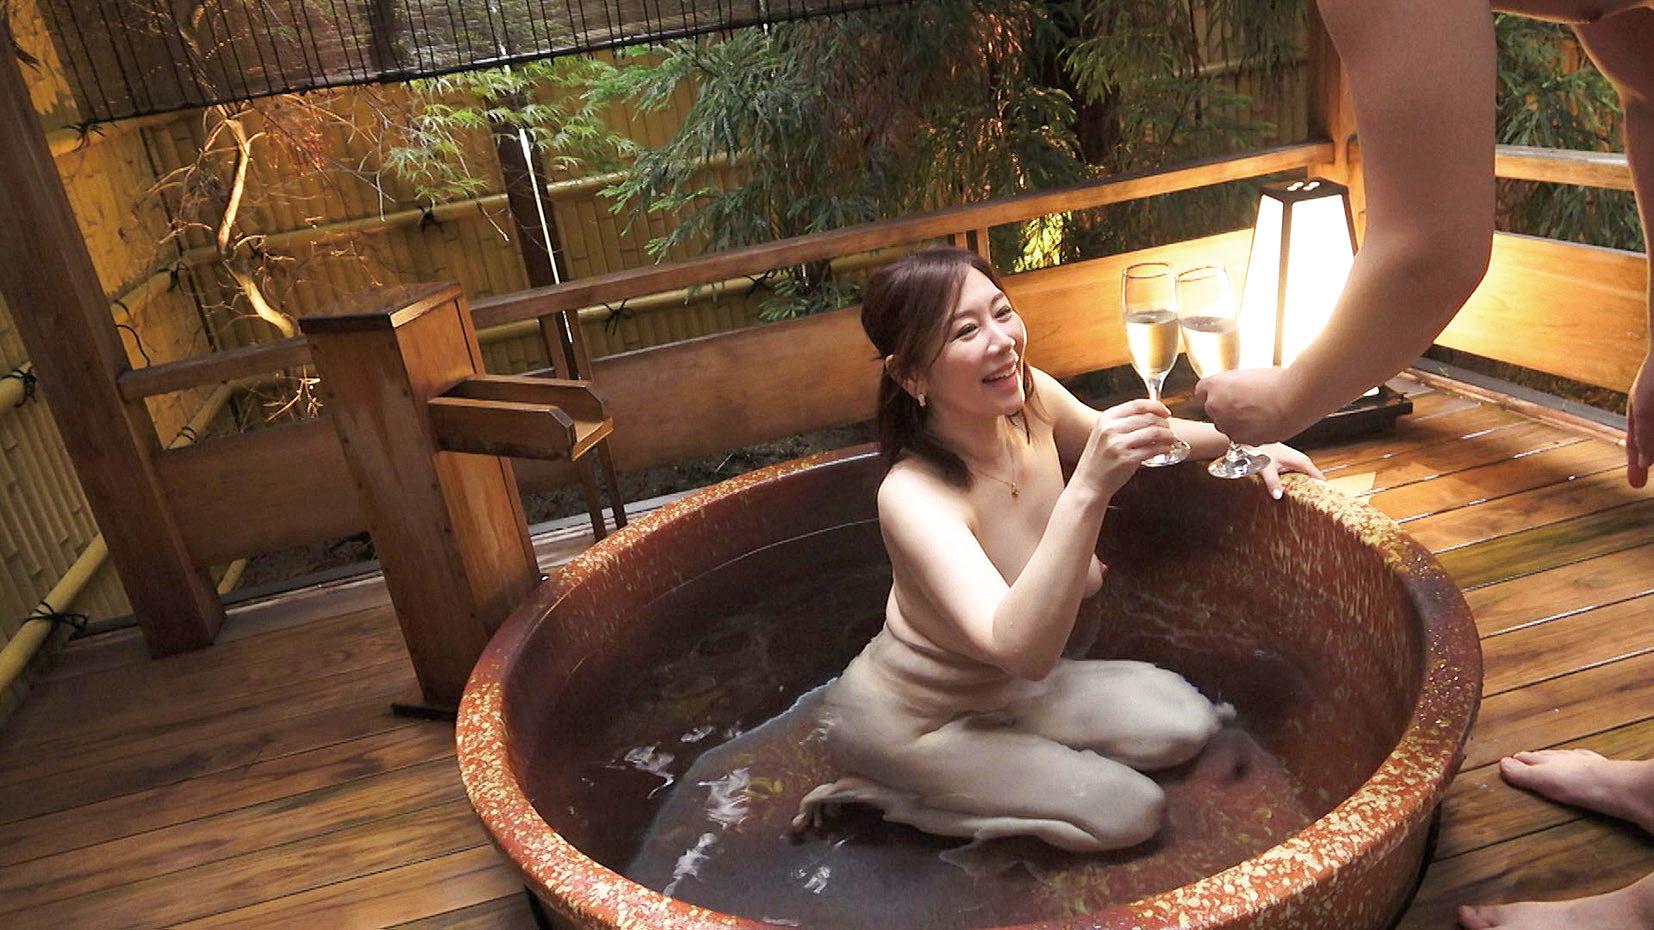 妻みぐい不倫旅行 ちさと(仮名) 52歳 画像5